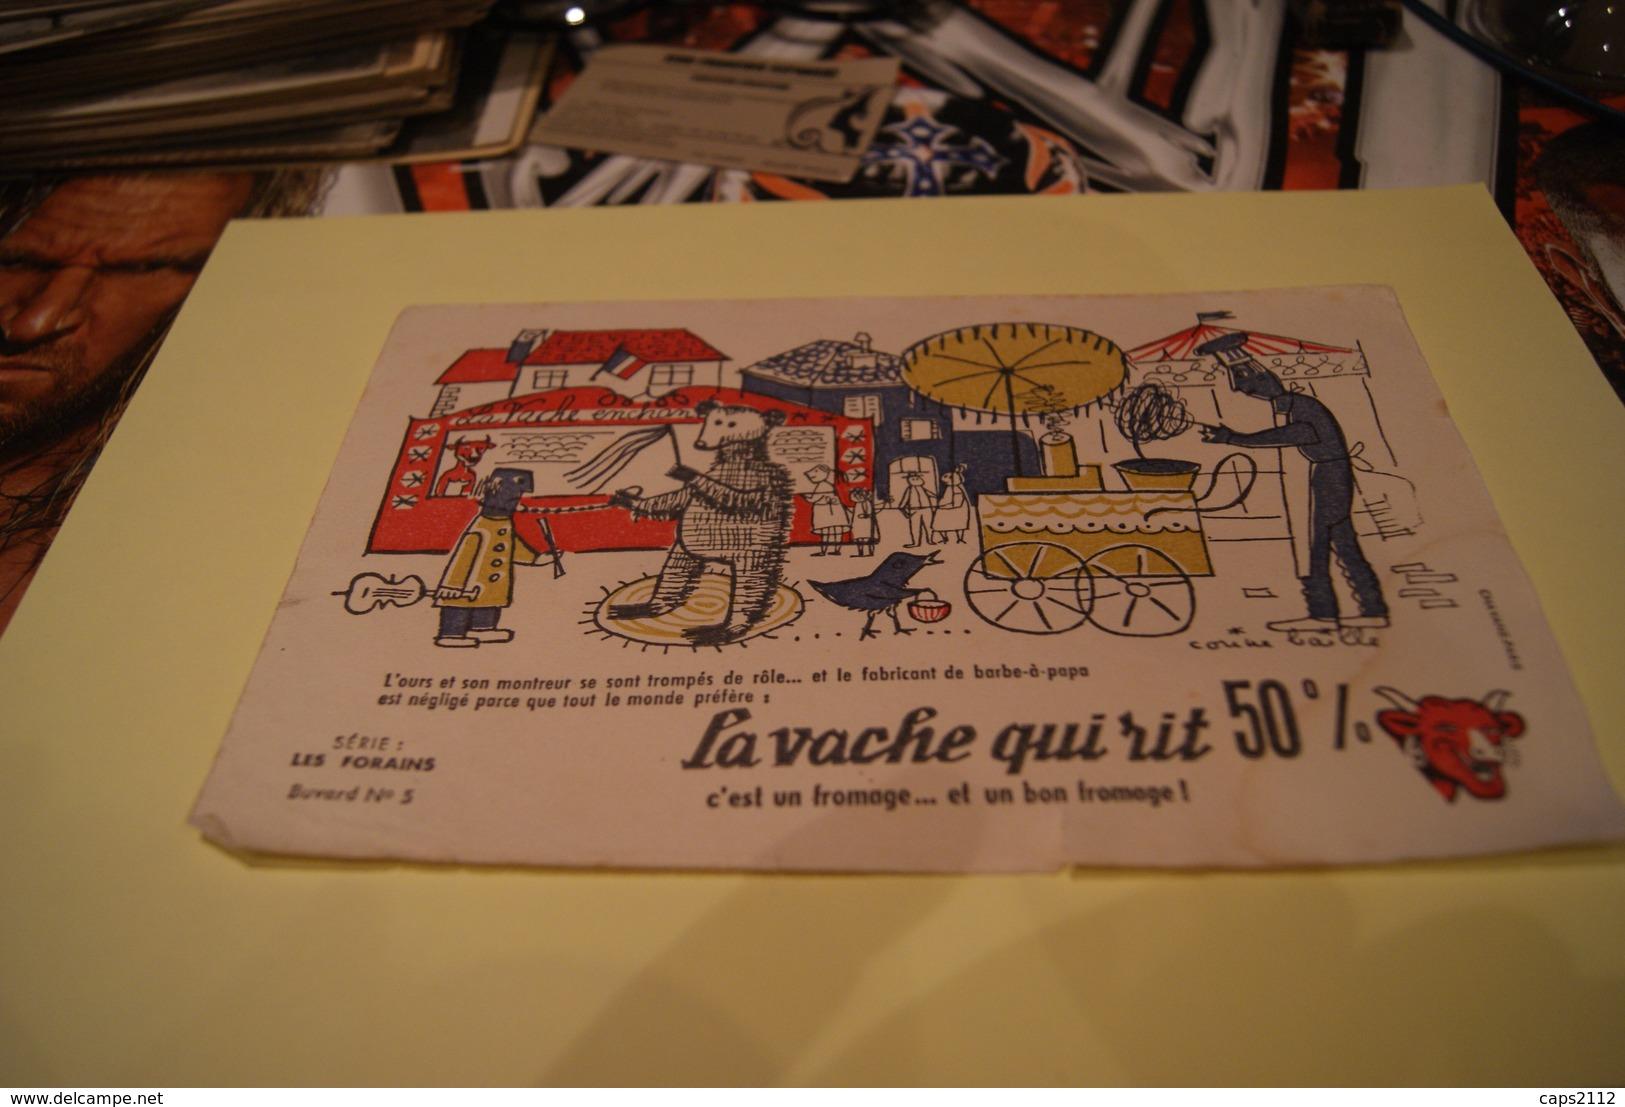 LOT ANCIEN BUVARD *la Vache Qui Rit / Serie Les Forains Signe Corinne Baille - Verzamelingen & Reeksen